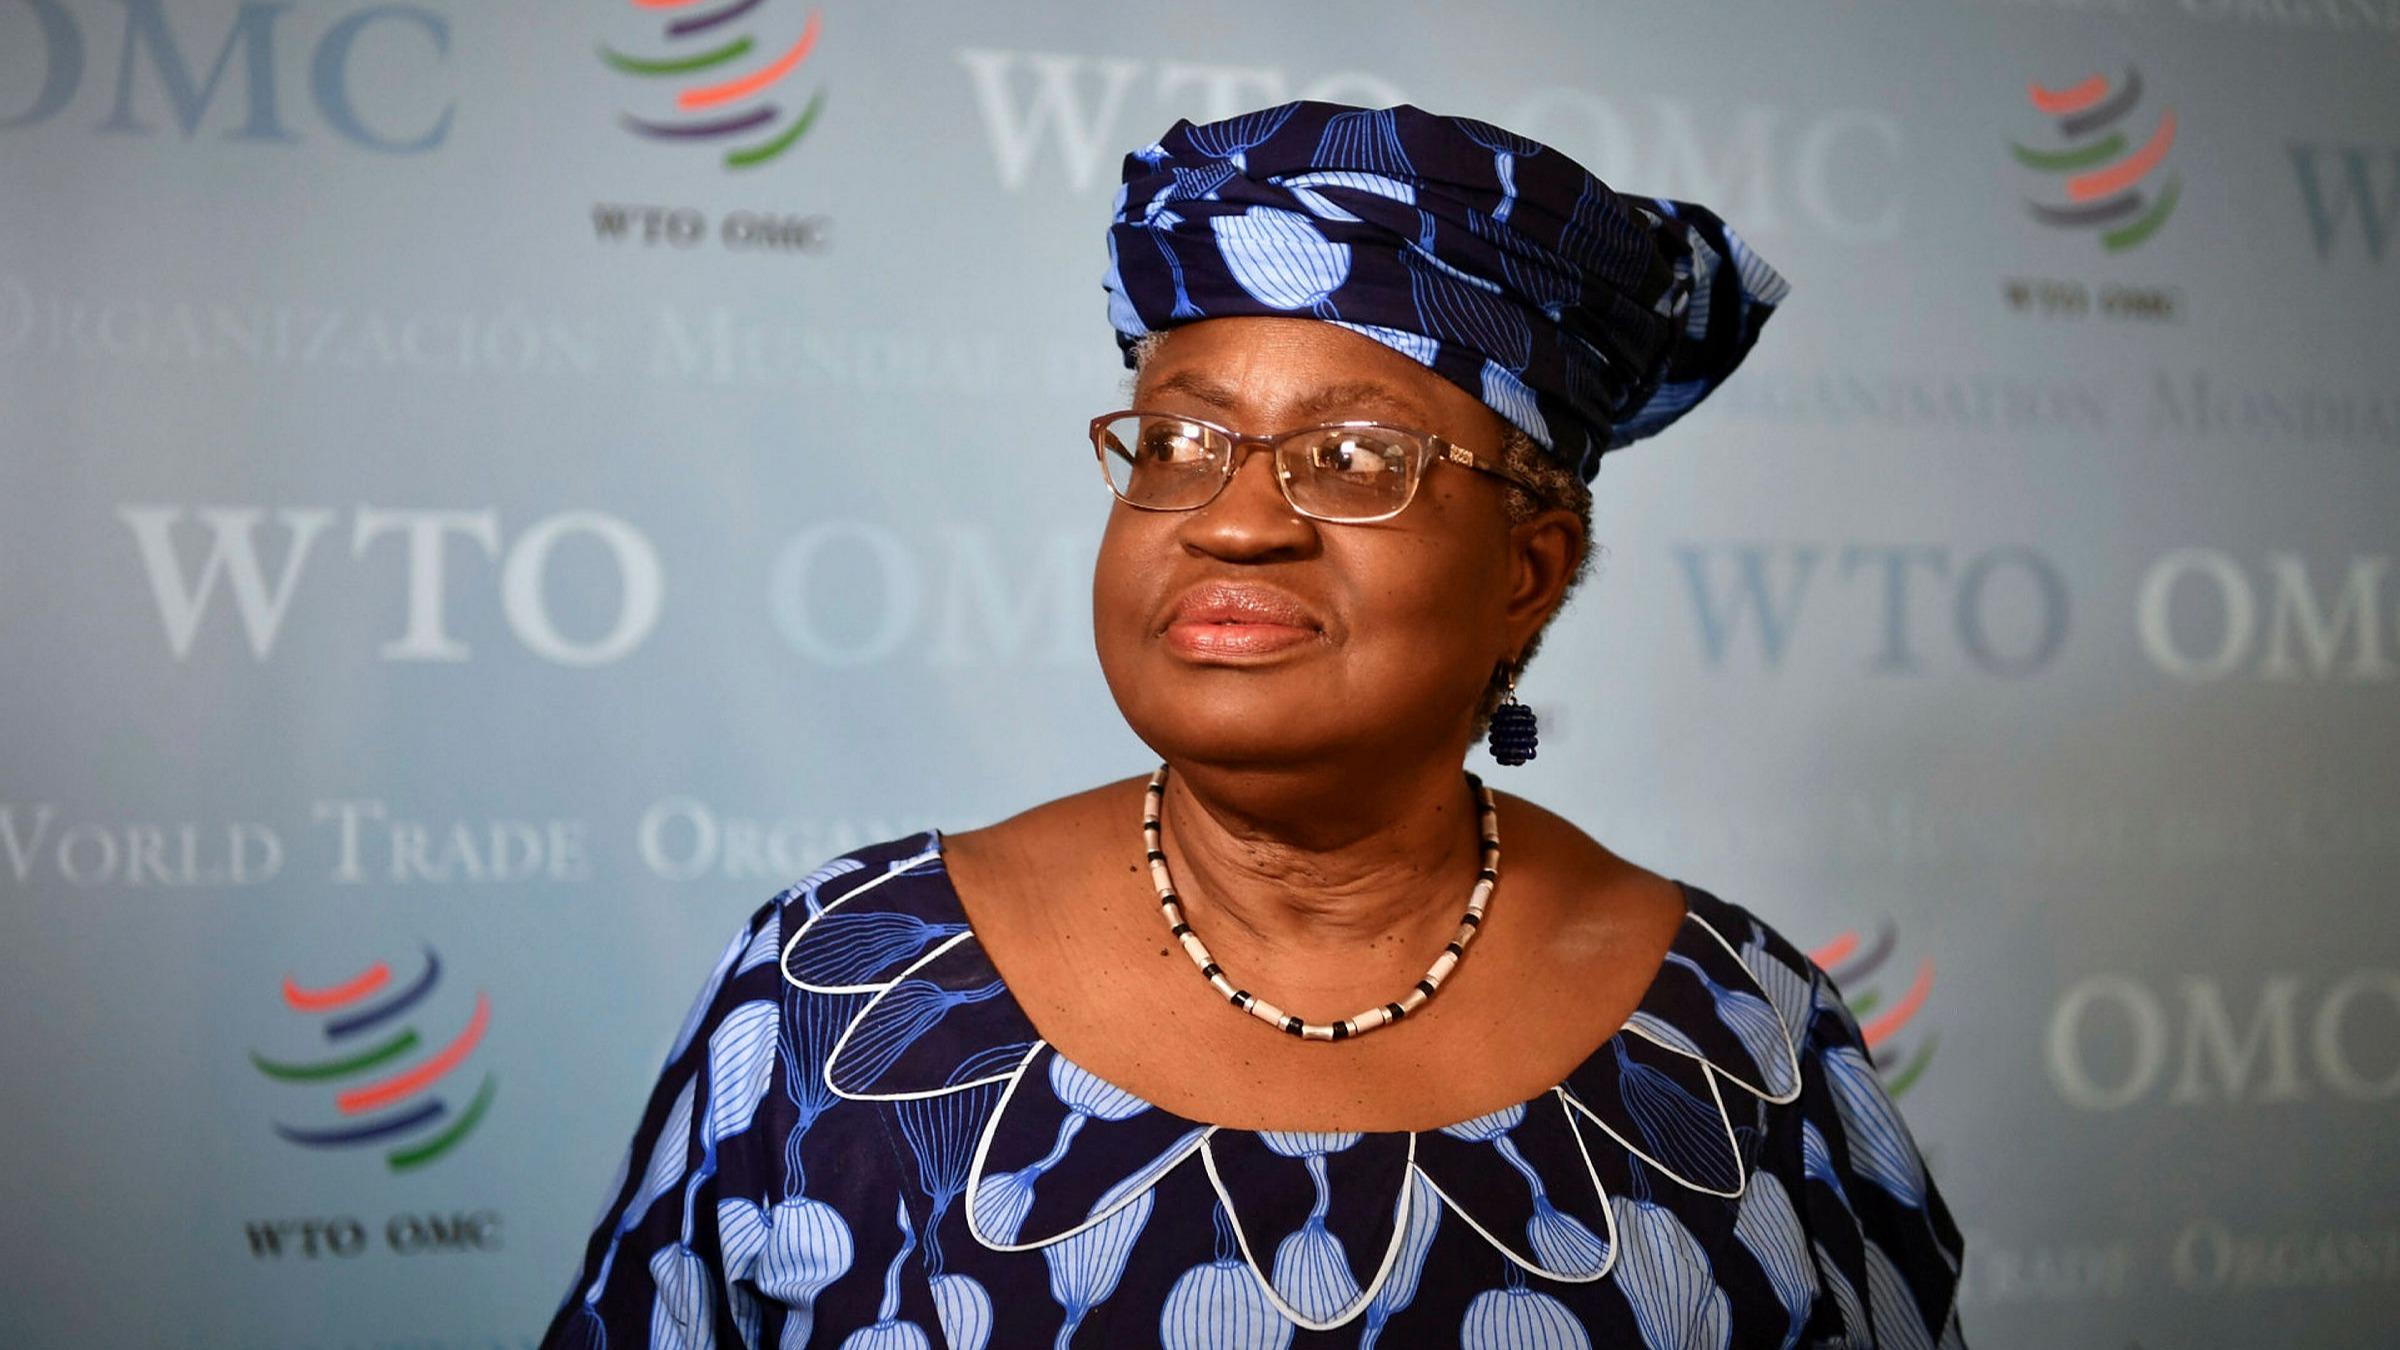 EEUU impide la elección de Okonjo-Iweala como directora general de la OMC